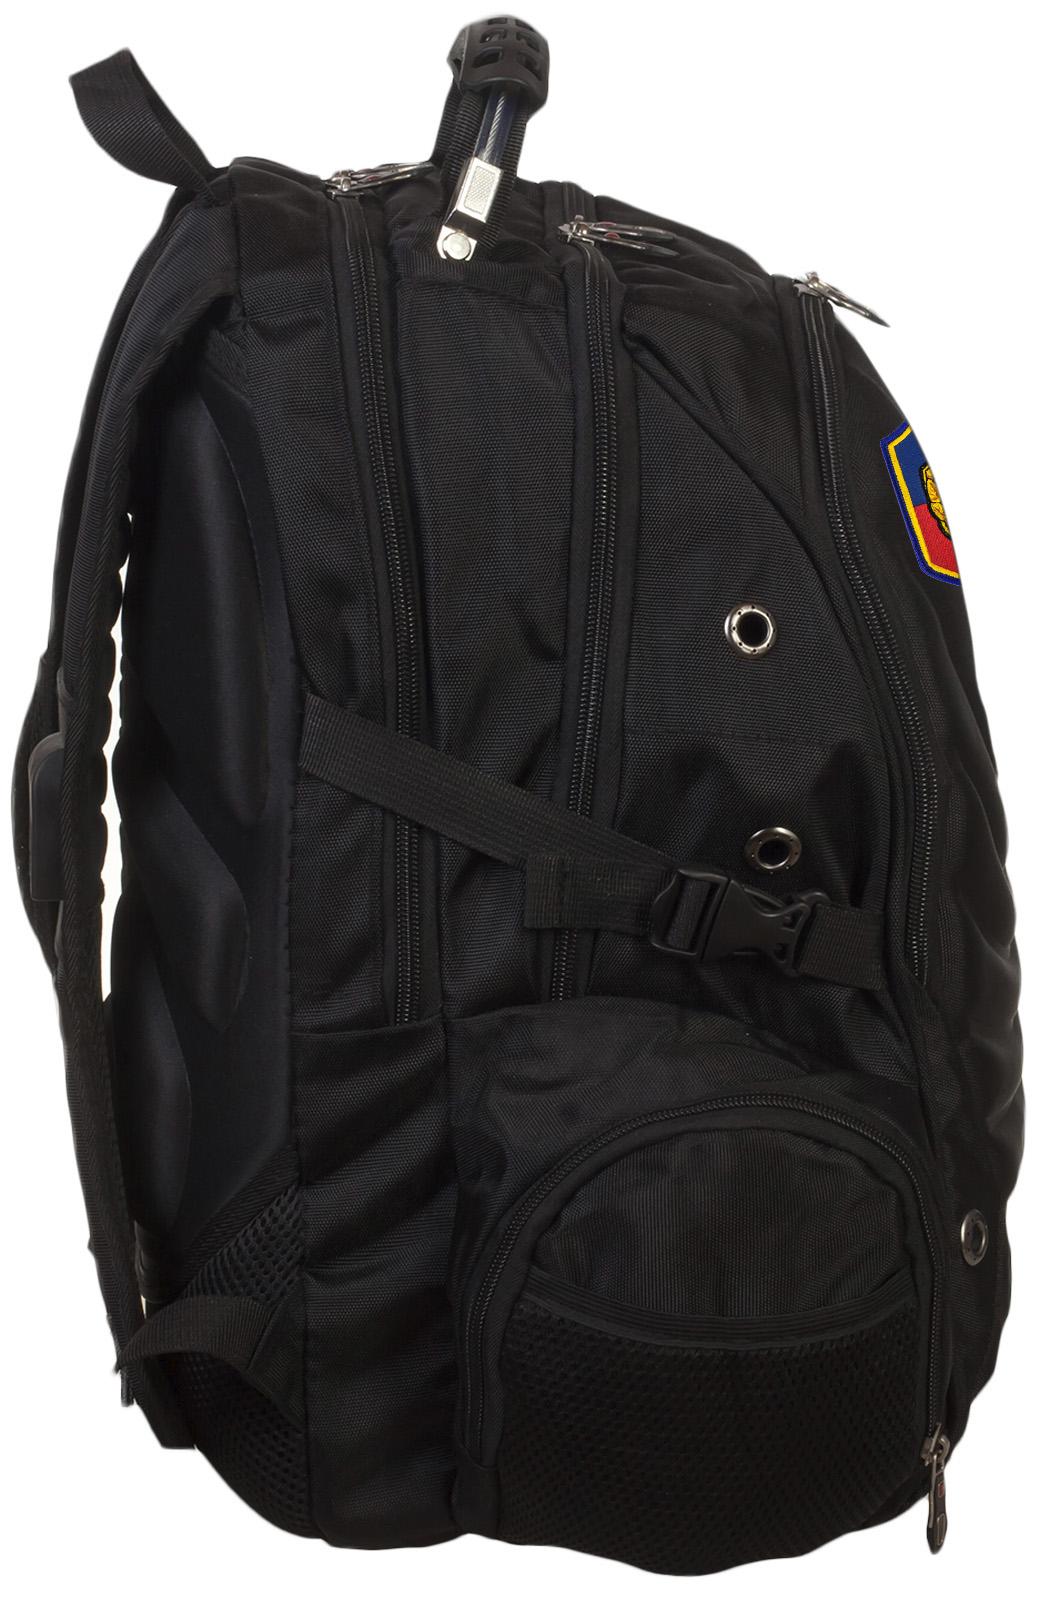 Топовый рюкзак с нашивкой УГРО купить в подарок